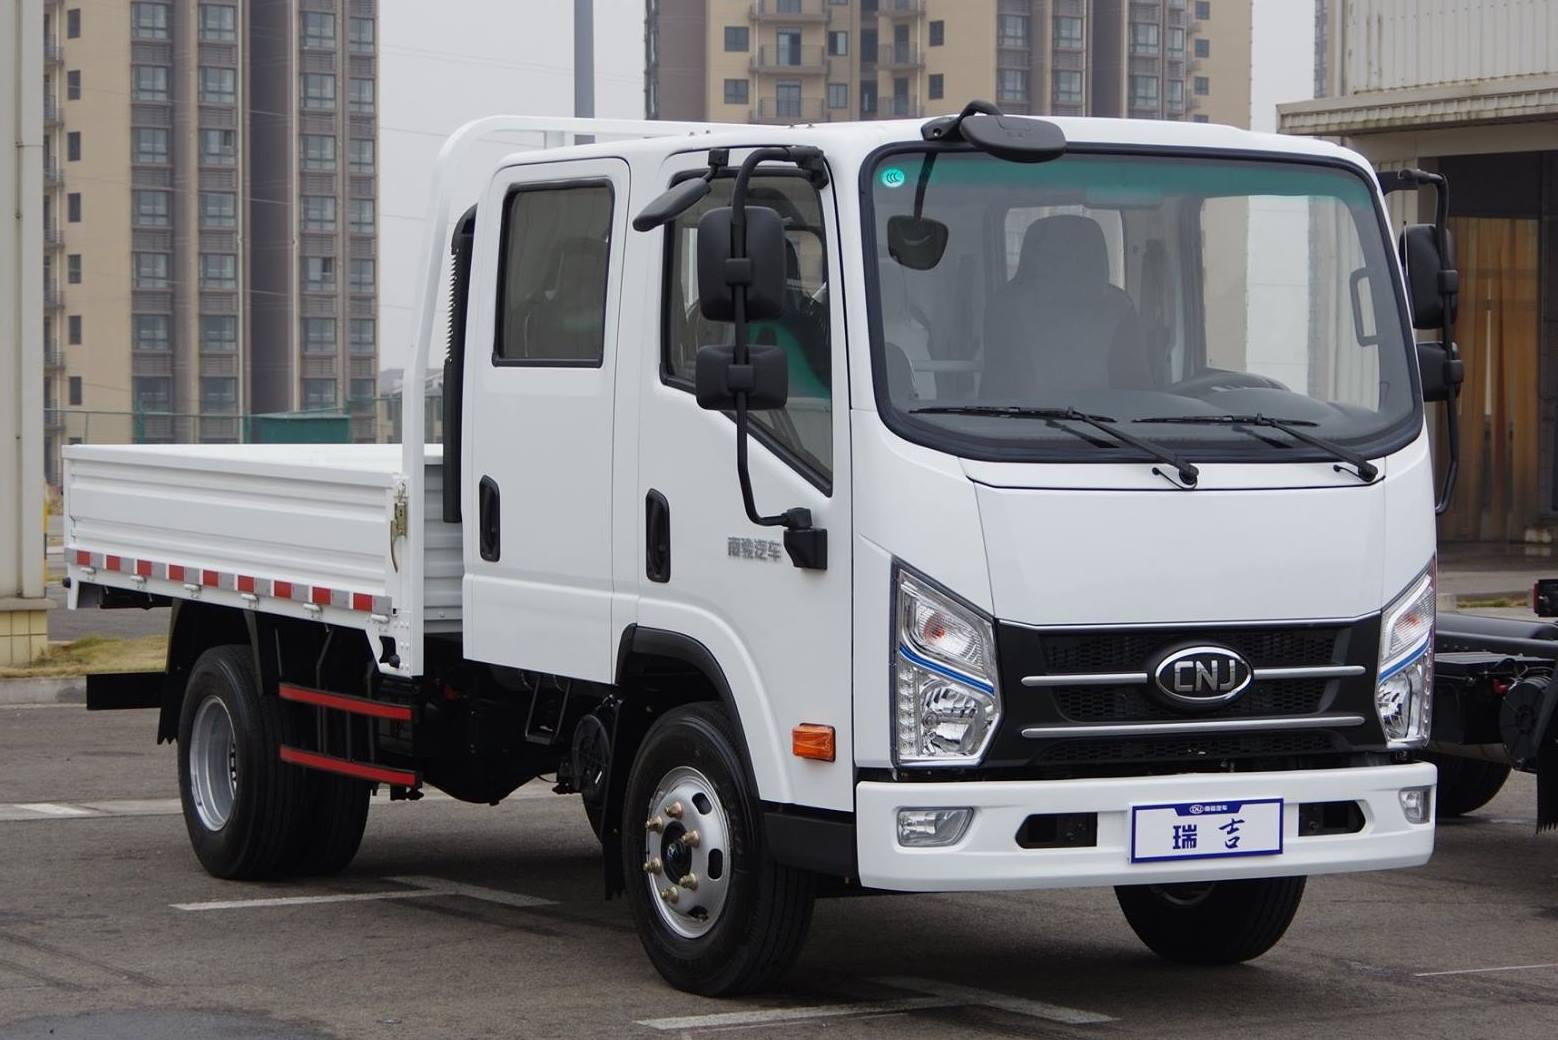 Lichte-trucks--alleenstaande-cabine--een-en-halve-cabine--dubbele-cabine-diesel-motoren-van-80-pk-tot-160-4-ton-tot-12-ton-pk25